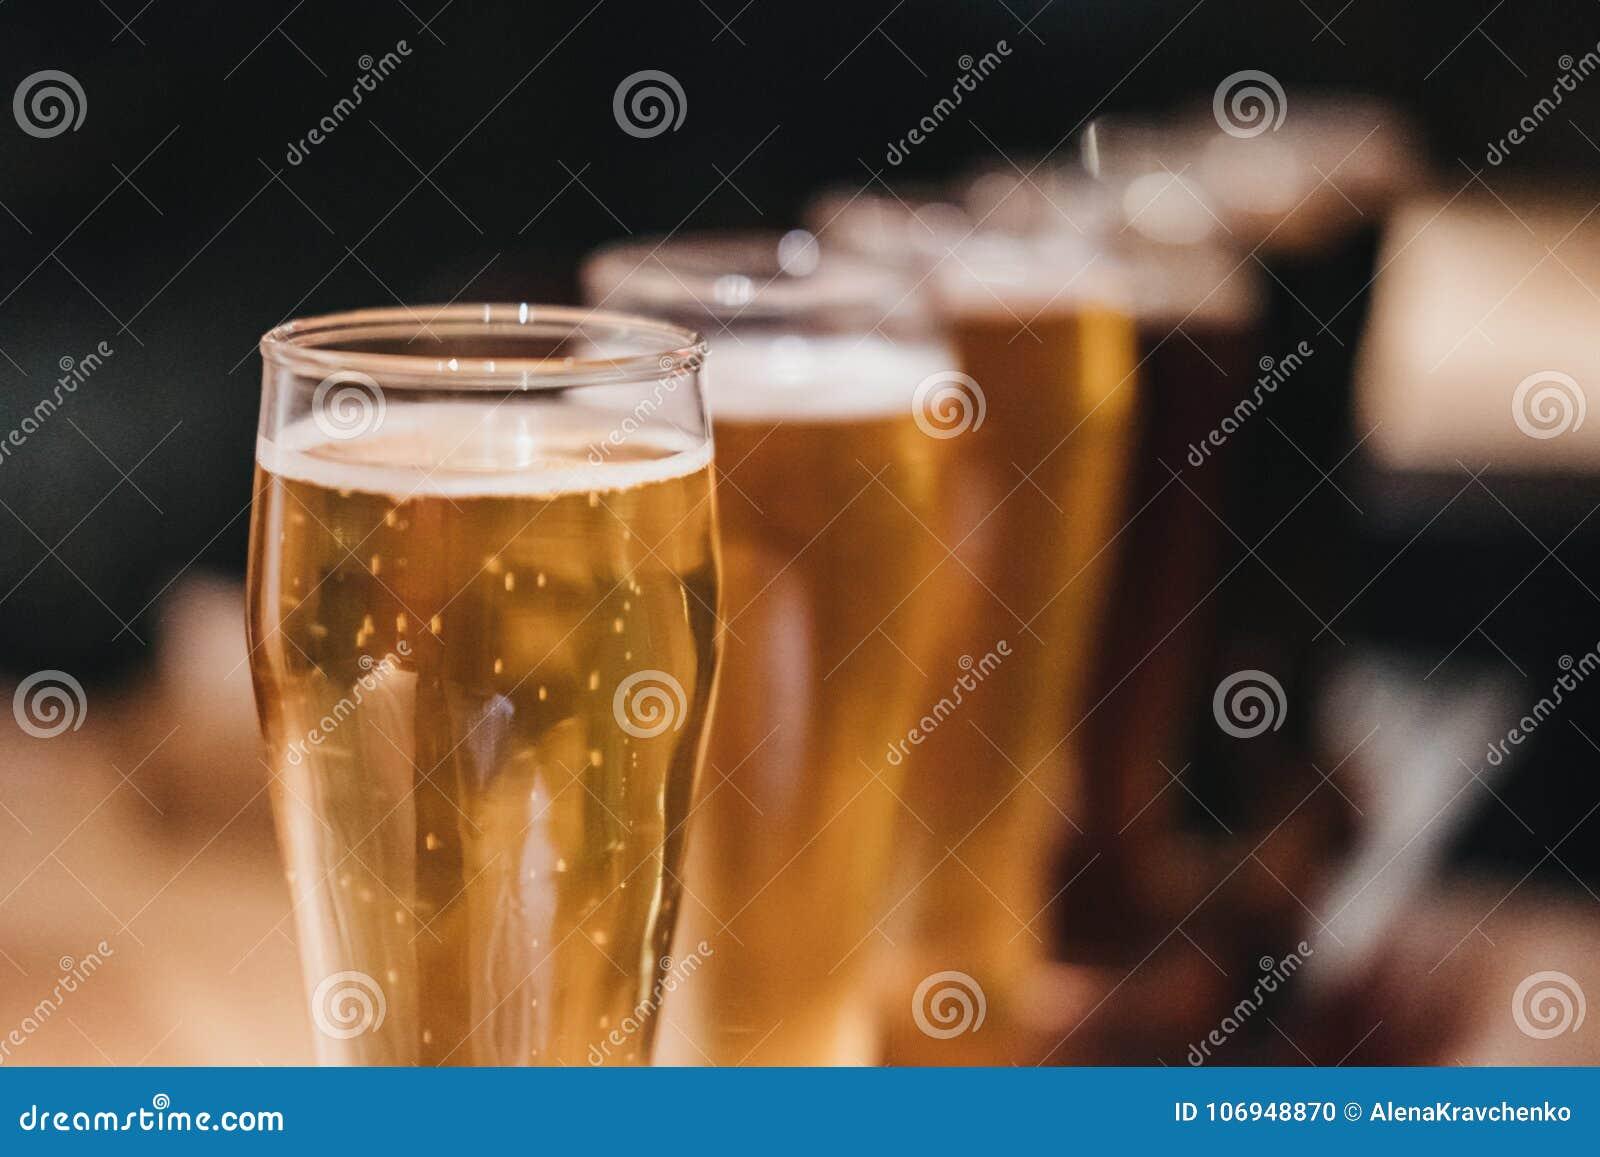 Chiuda su di uno scaffale dei generi differenti di birre, scuri per accendersi, su una tavola